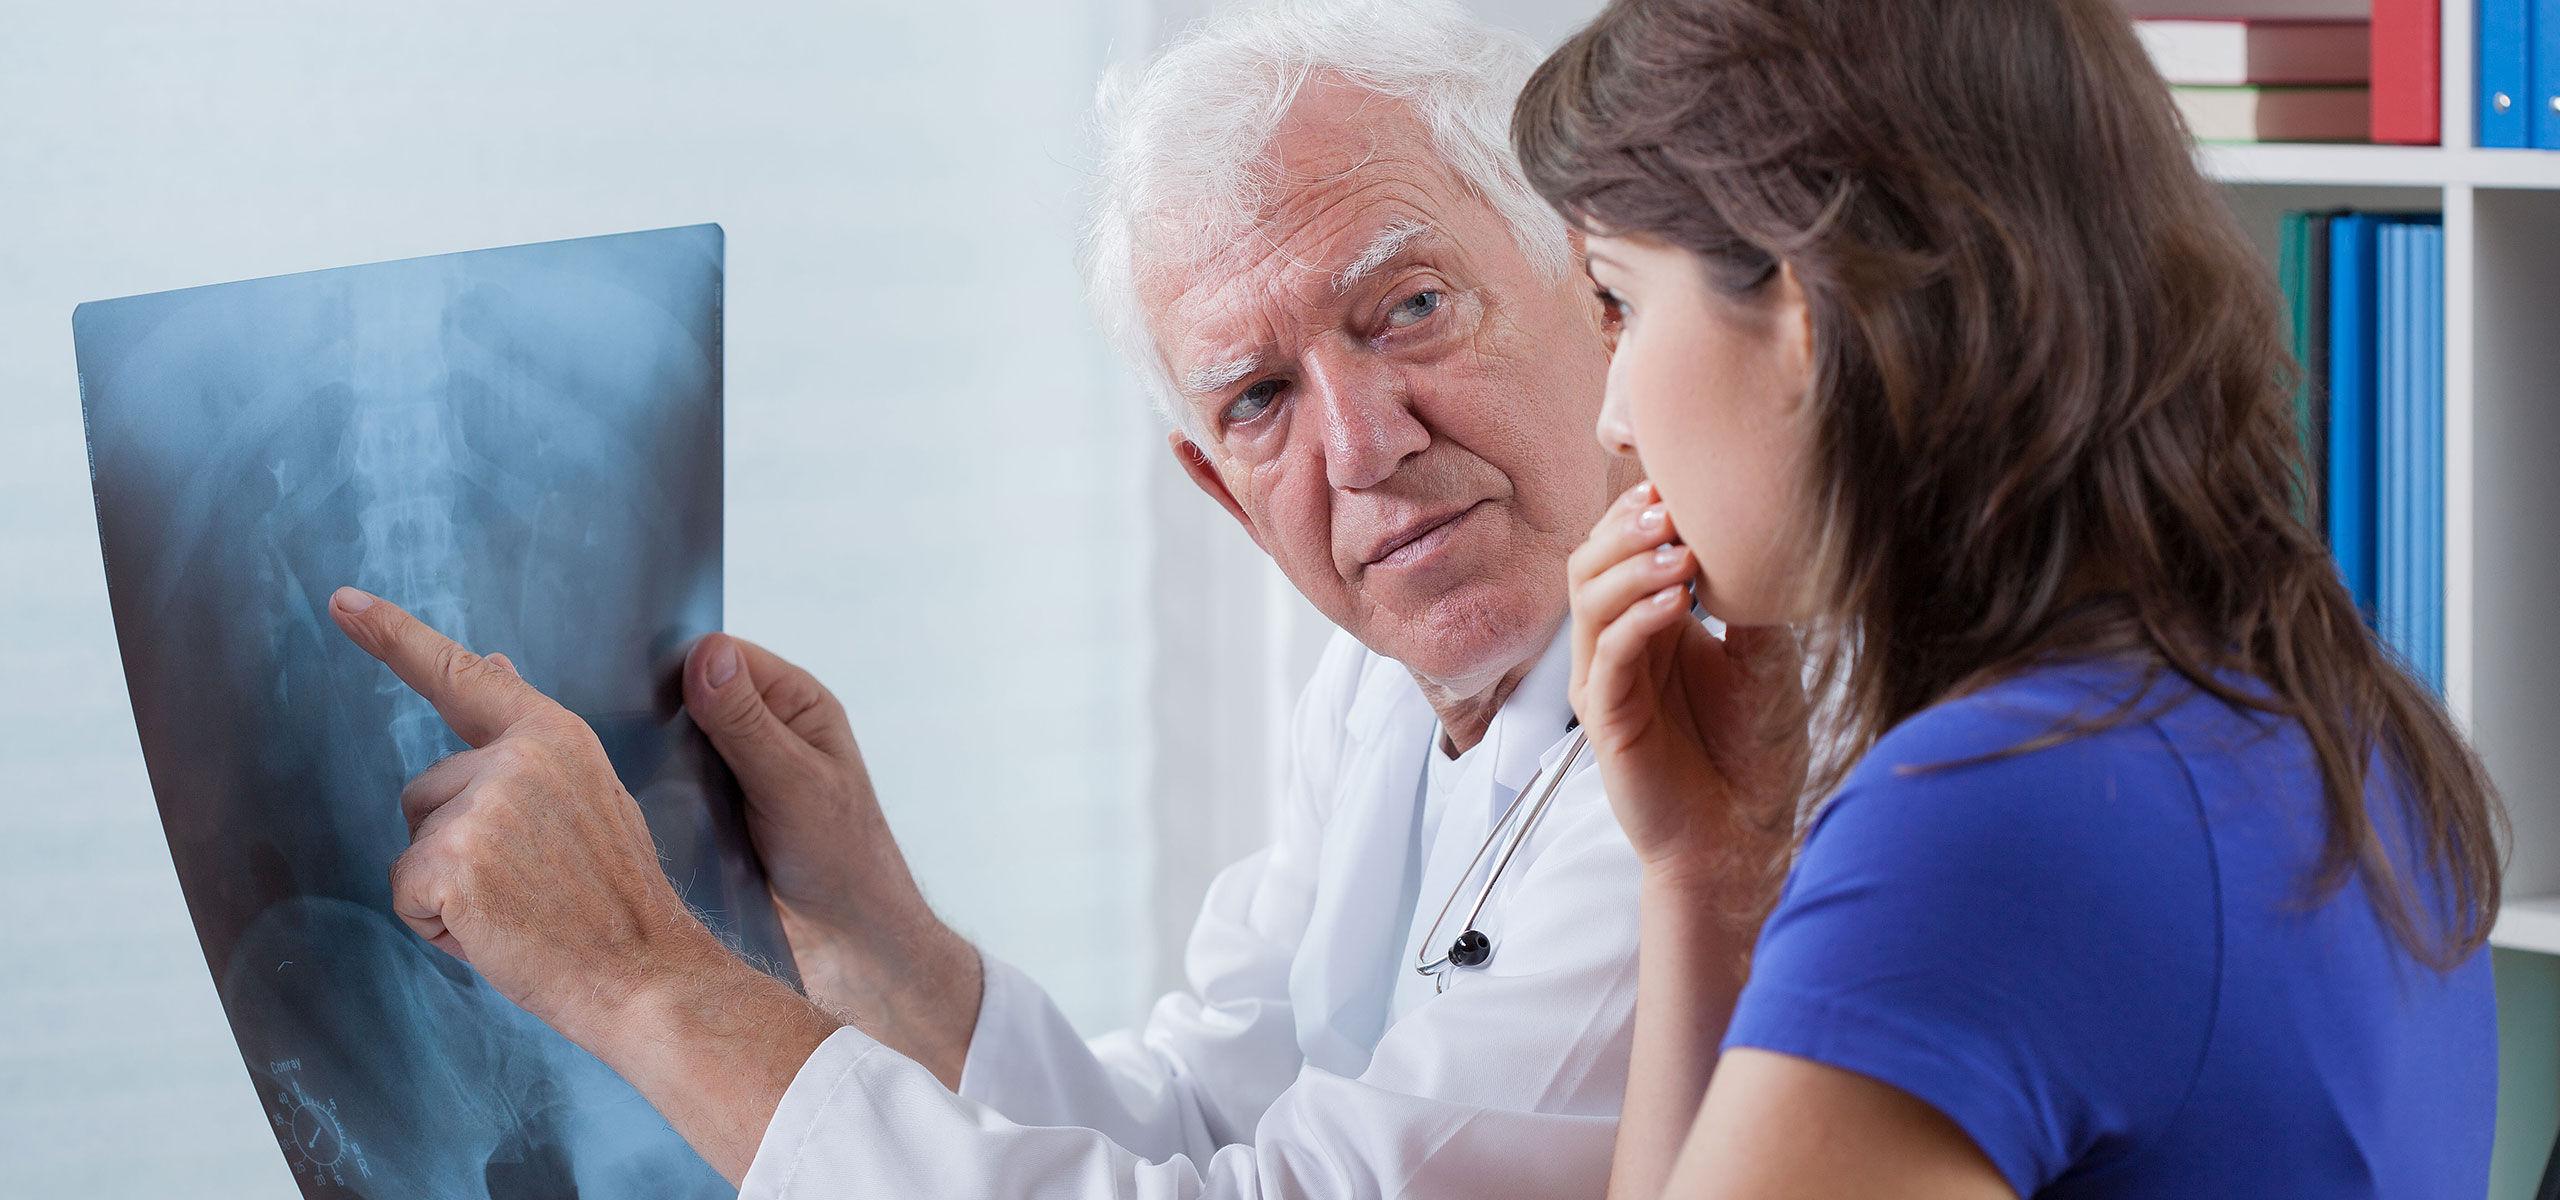 Boli ale oaselor și articulațiilor la bătrânețe Unguente pentru durere în spate și articulații